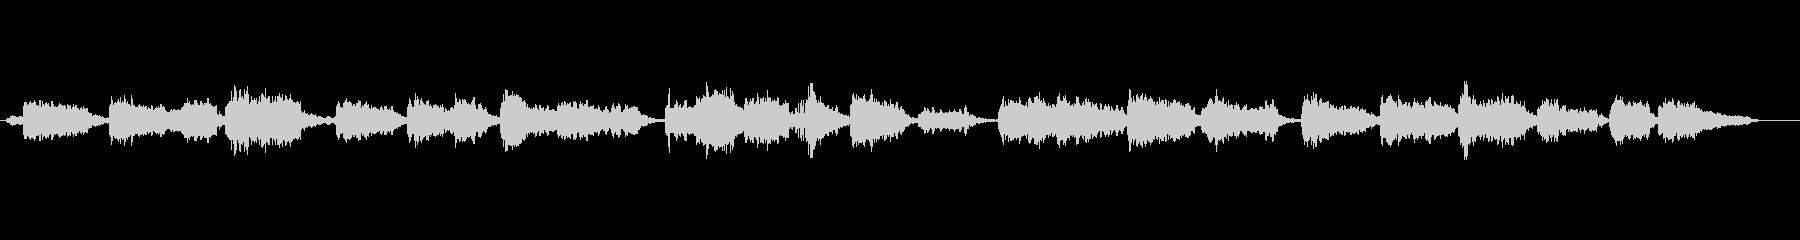 Classic morning awakening music's unreproduced waveform